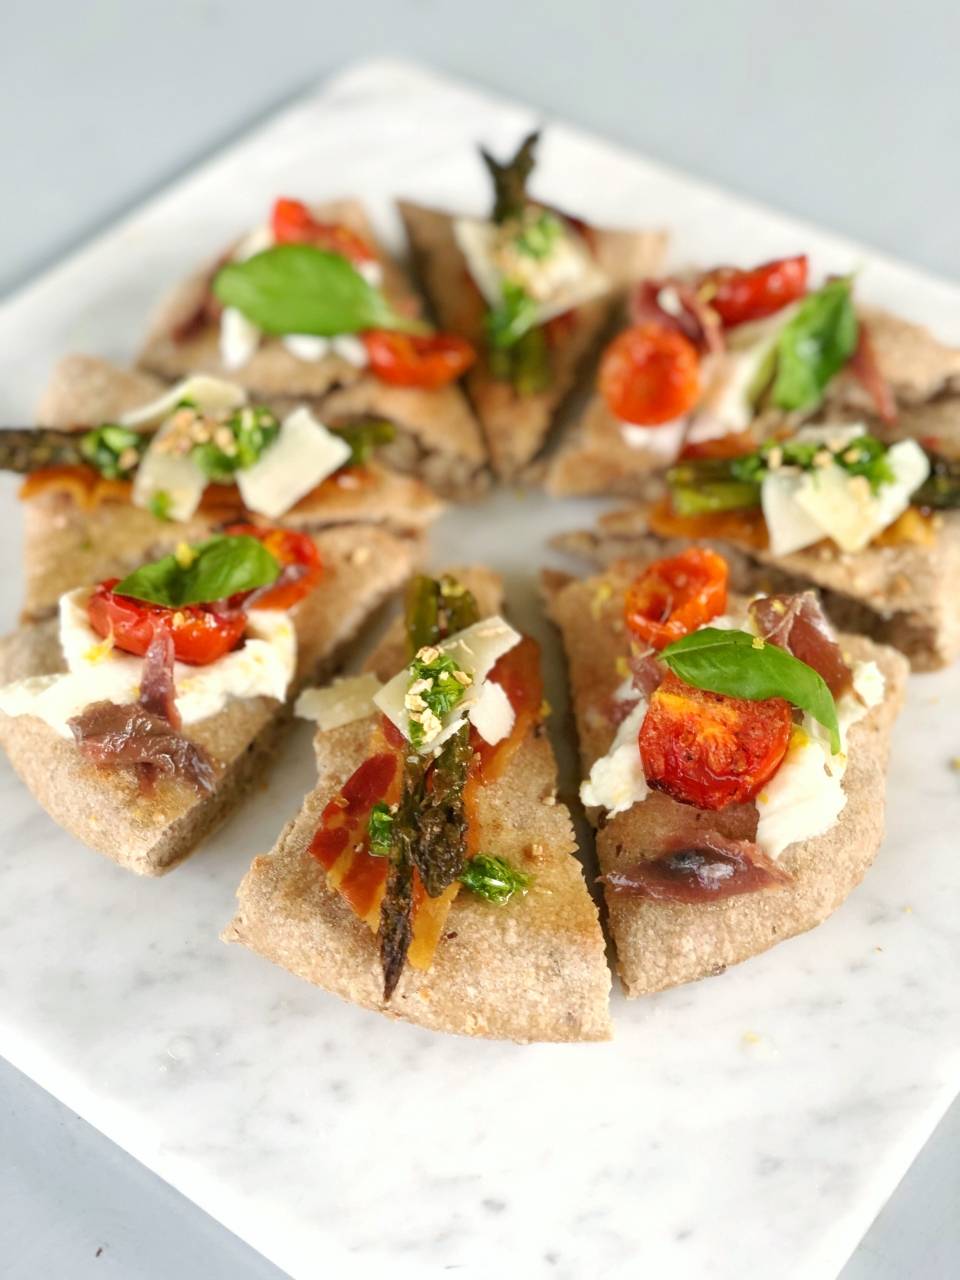 pizza-gourmet-cinque-cereali-whole-cereals-oven-forno-acciughe-anciovies-pomodoro-tomato-confit-basil-basilico-mozzarella-lactose-free-aspaargi-bacon-prezzemolo5